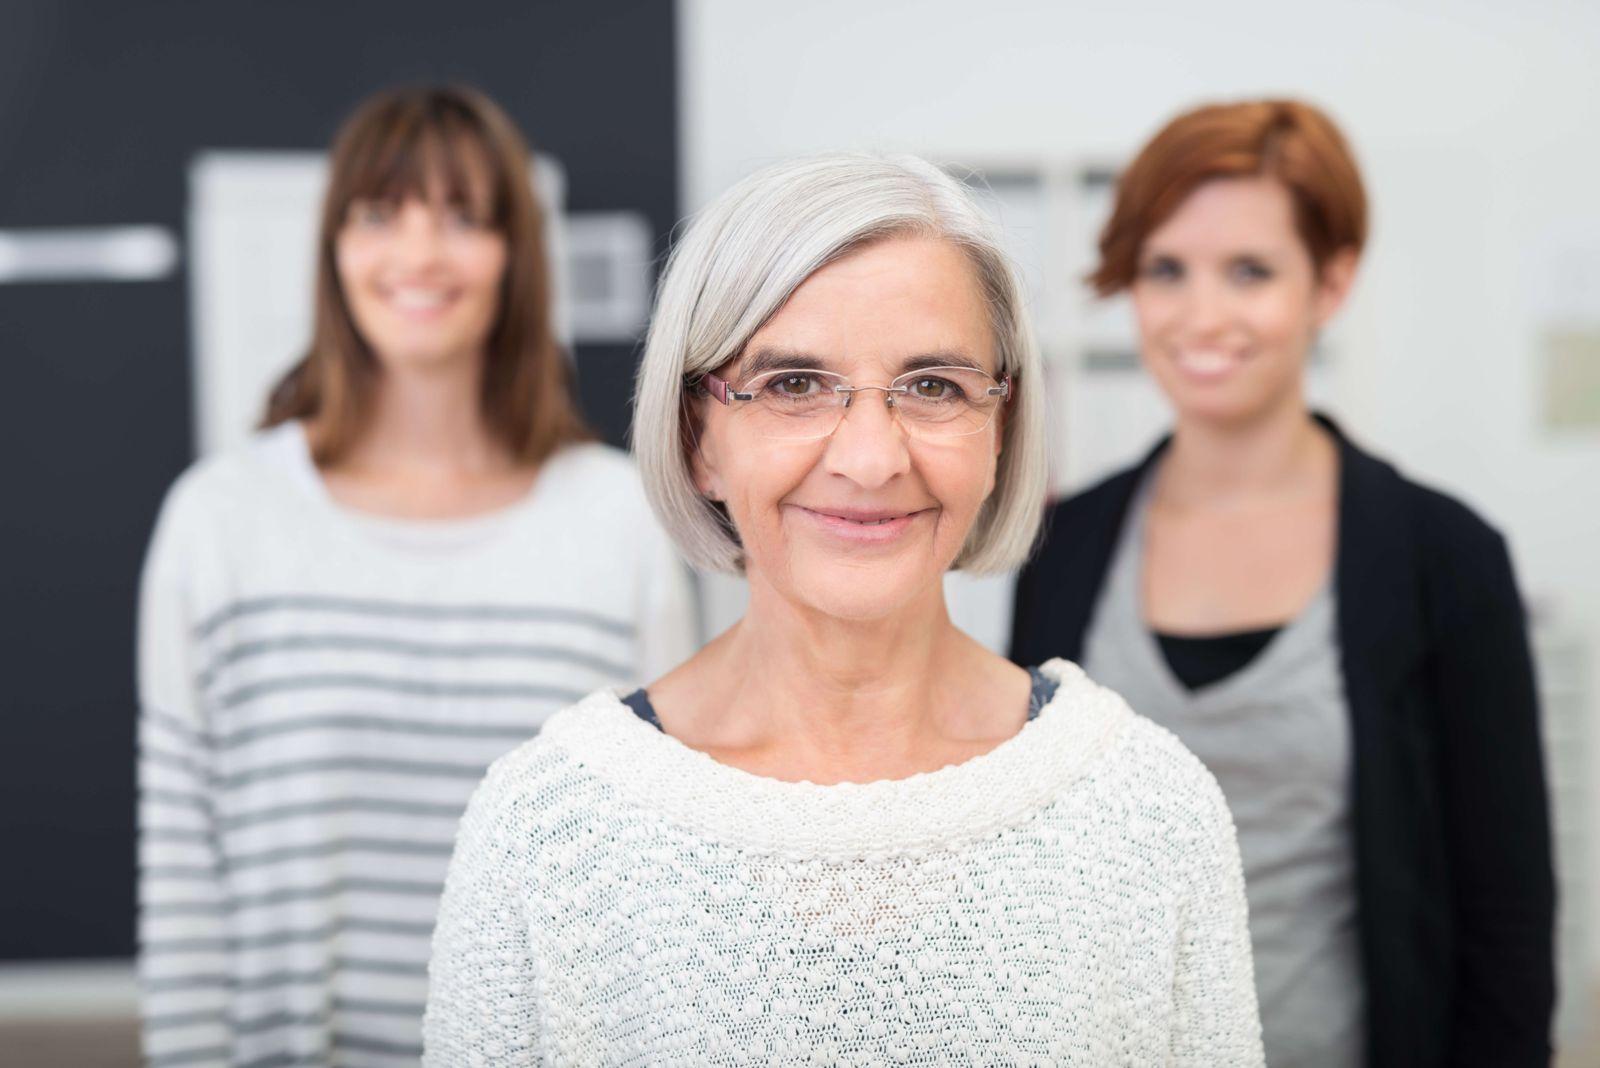 Age Discrimination Laws in Missouri